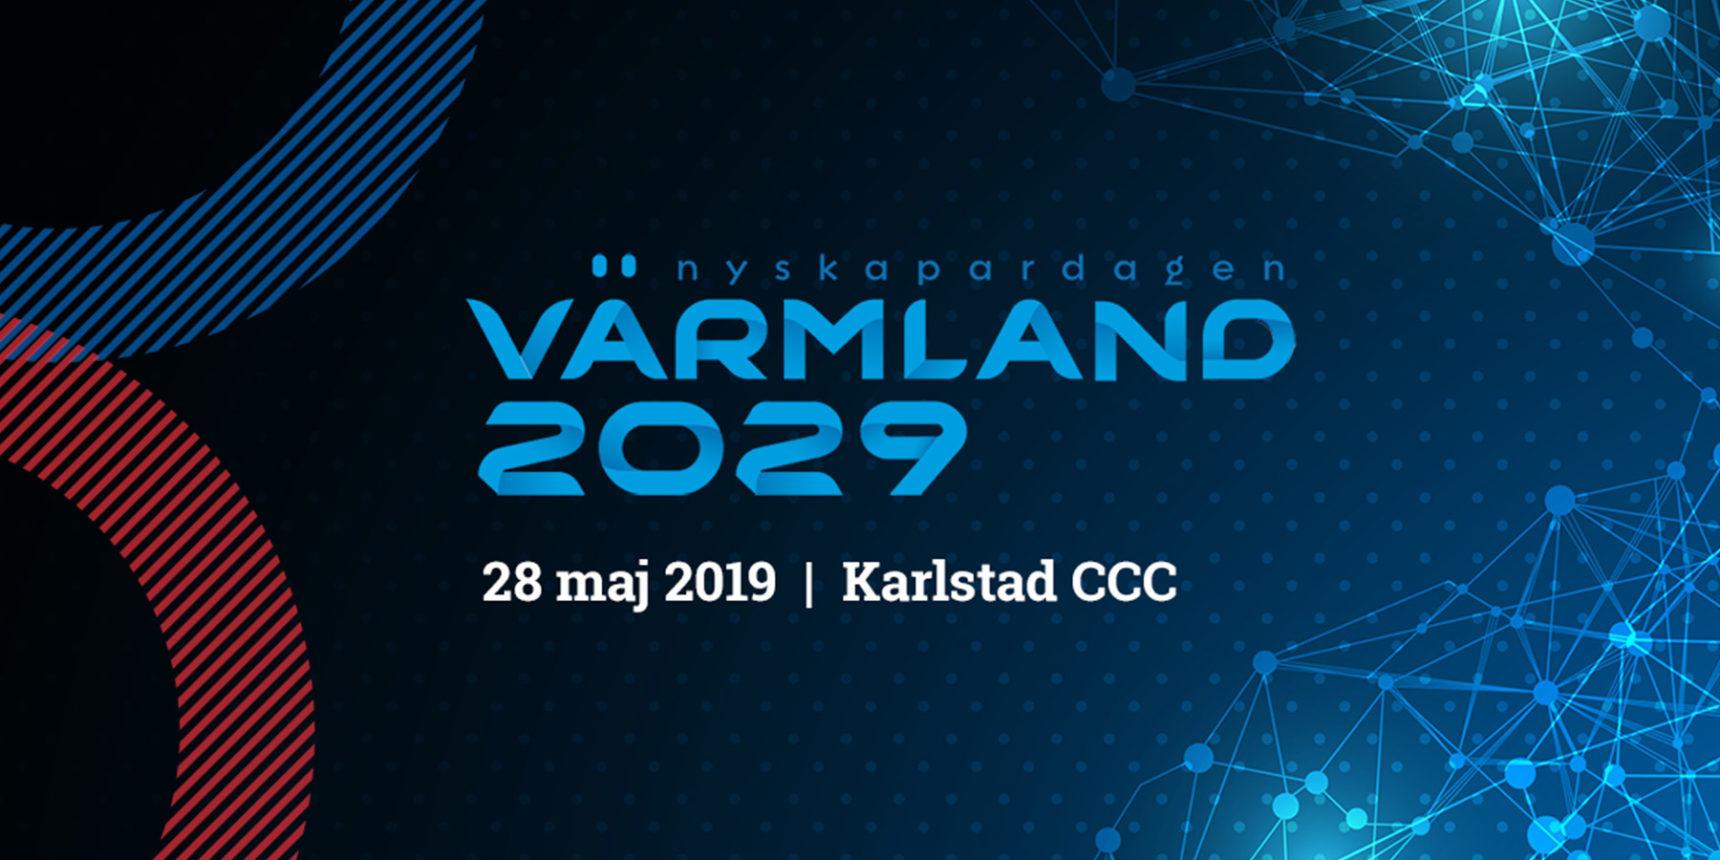 Värmland 2029